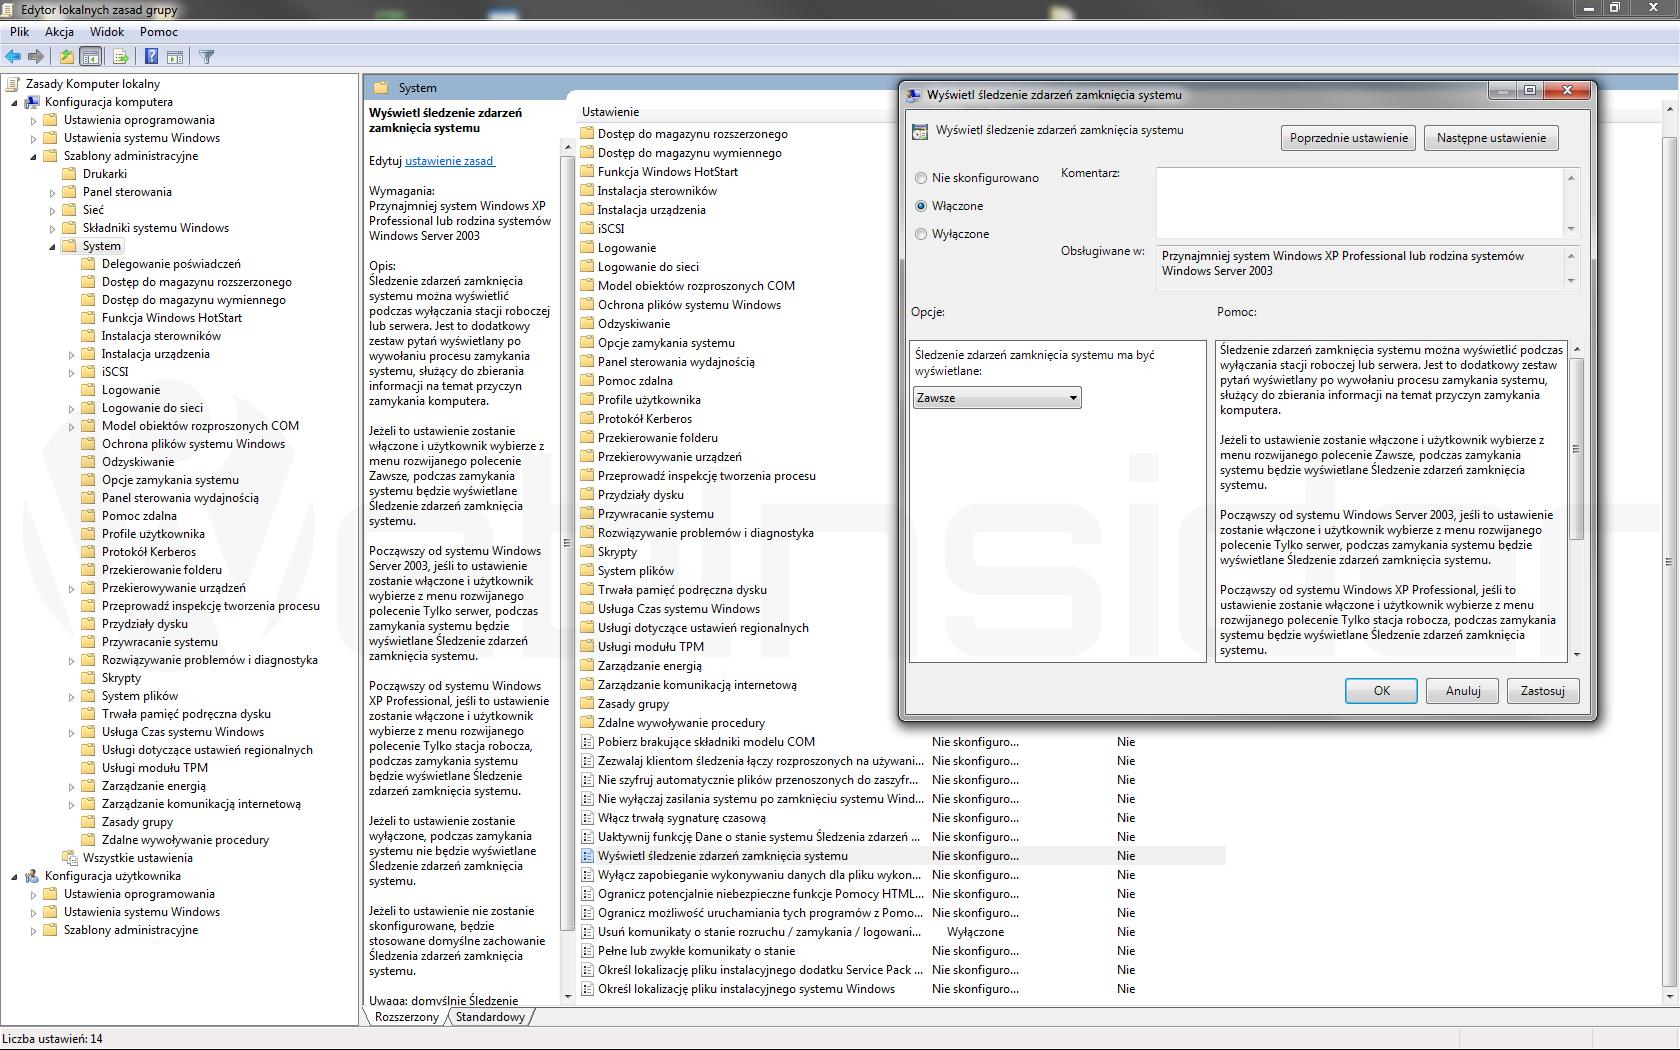 windows7_gpedit_sledzenie-zdarzen-zamkniecia-systemu_aio